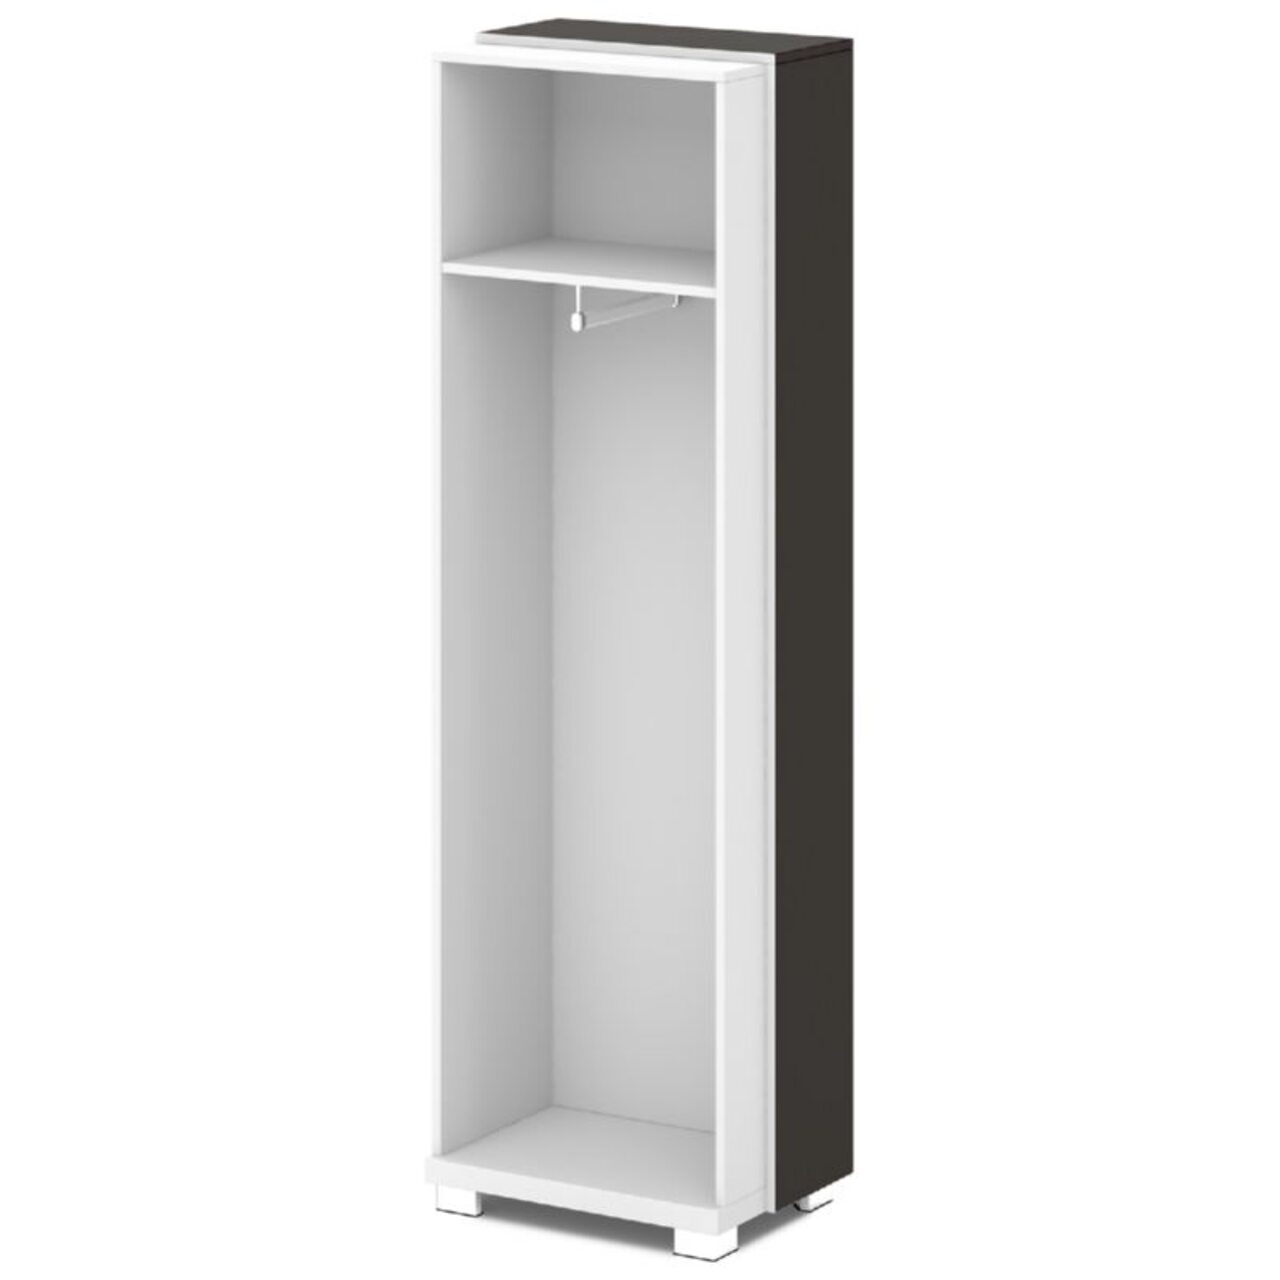 Каркас шкафа для одежды крайний - фото 5